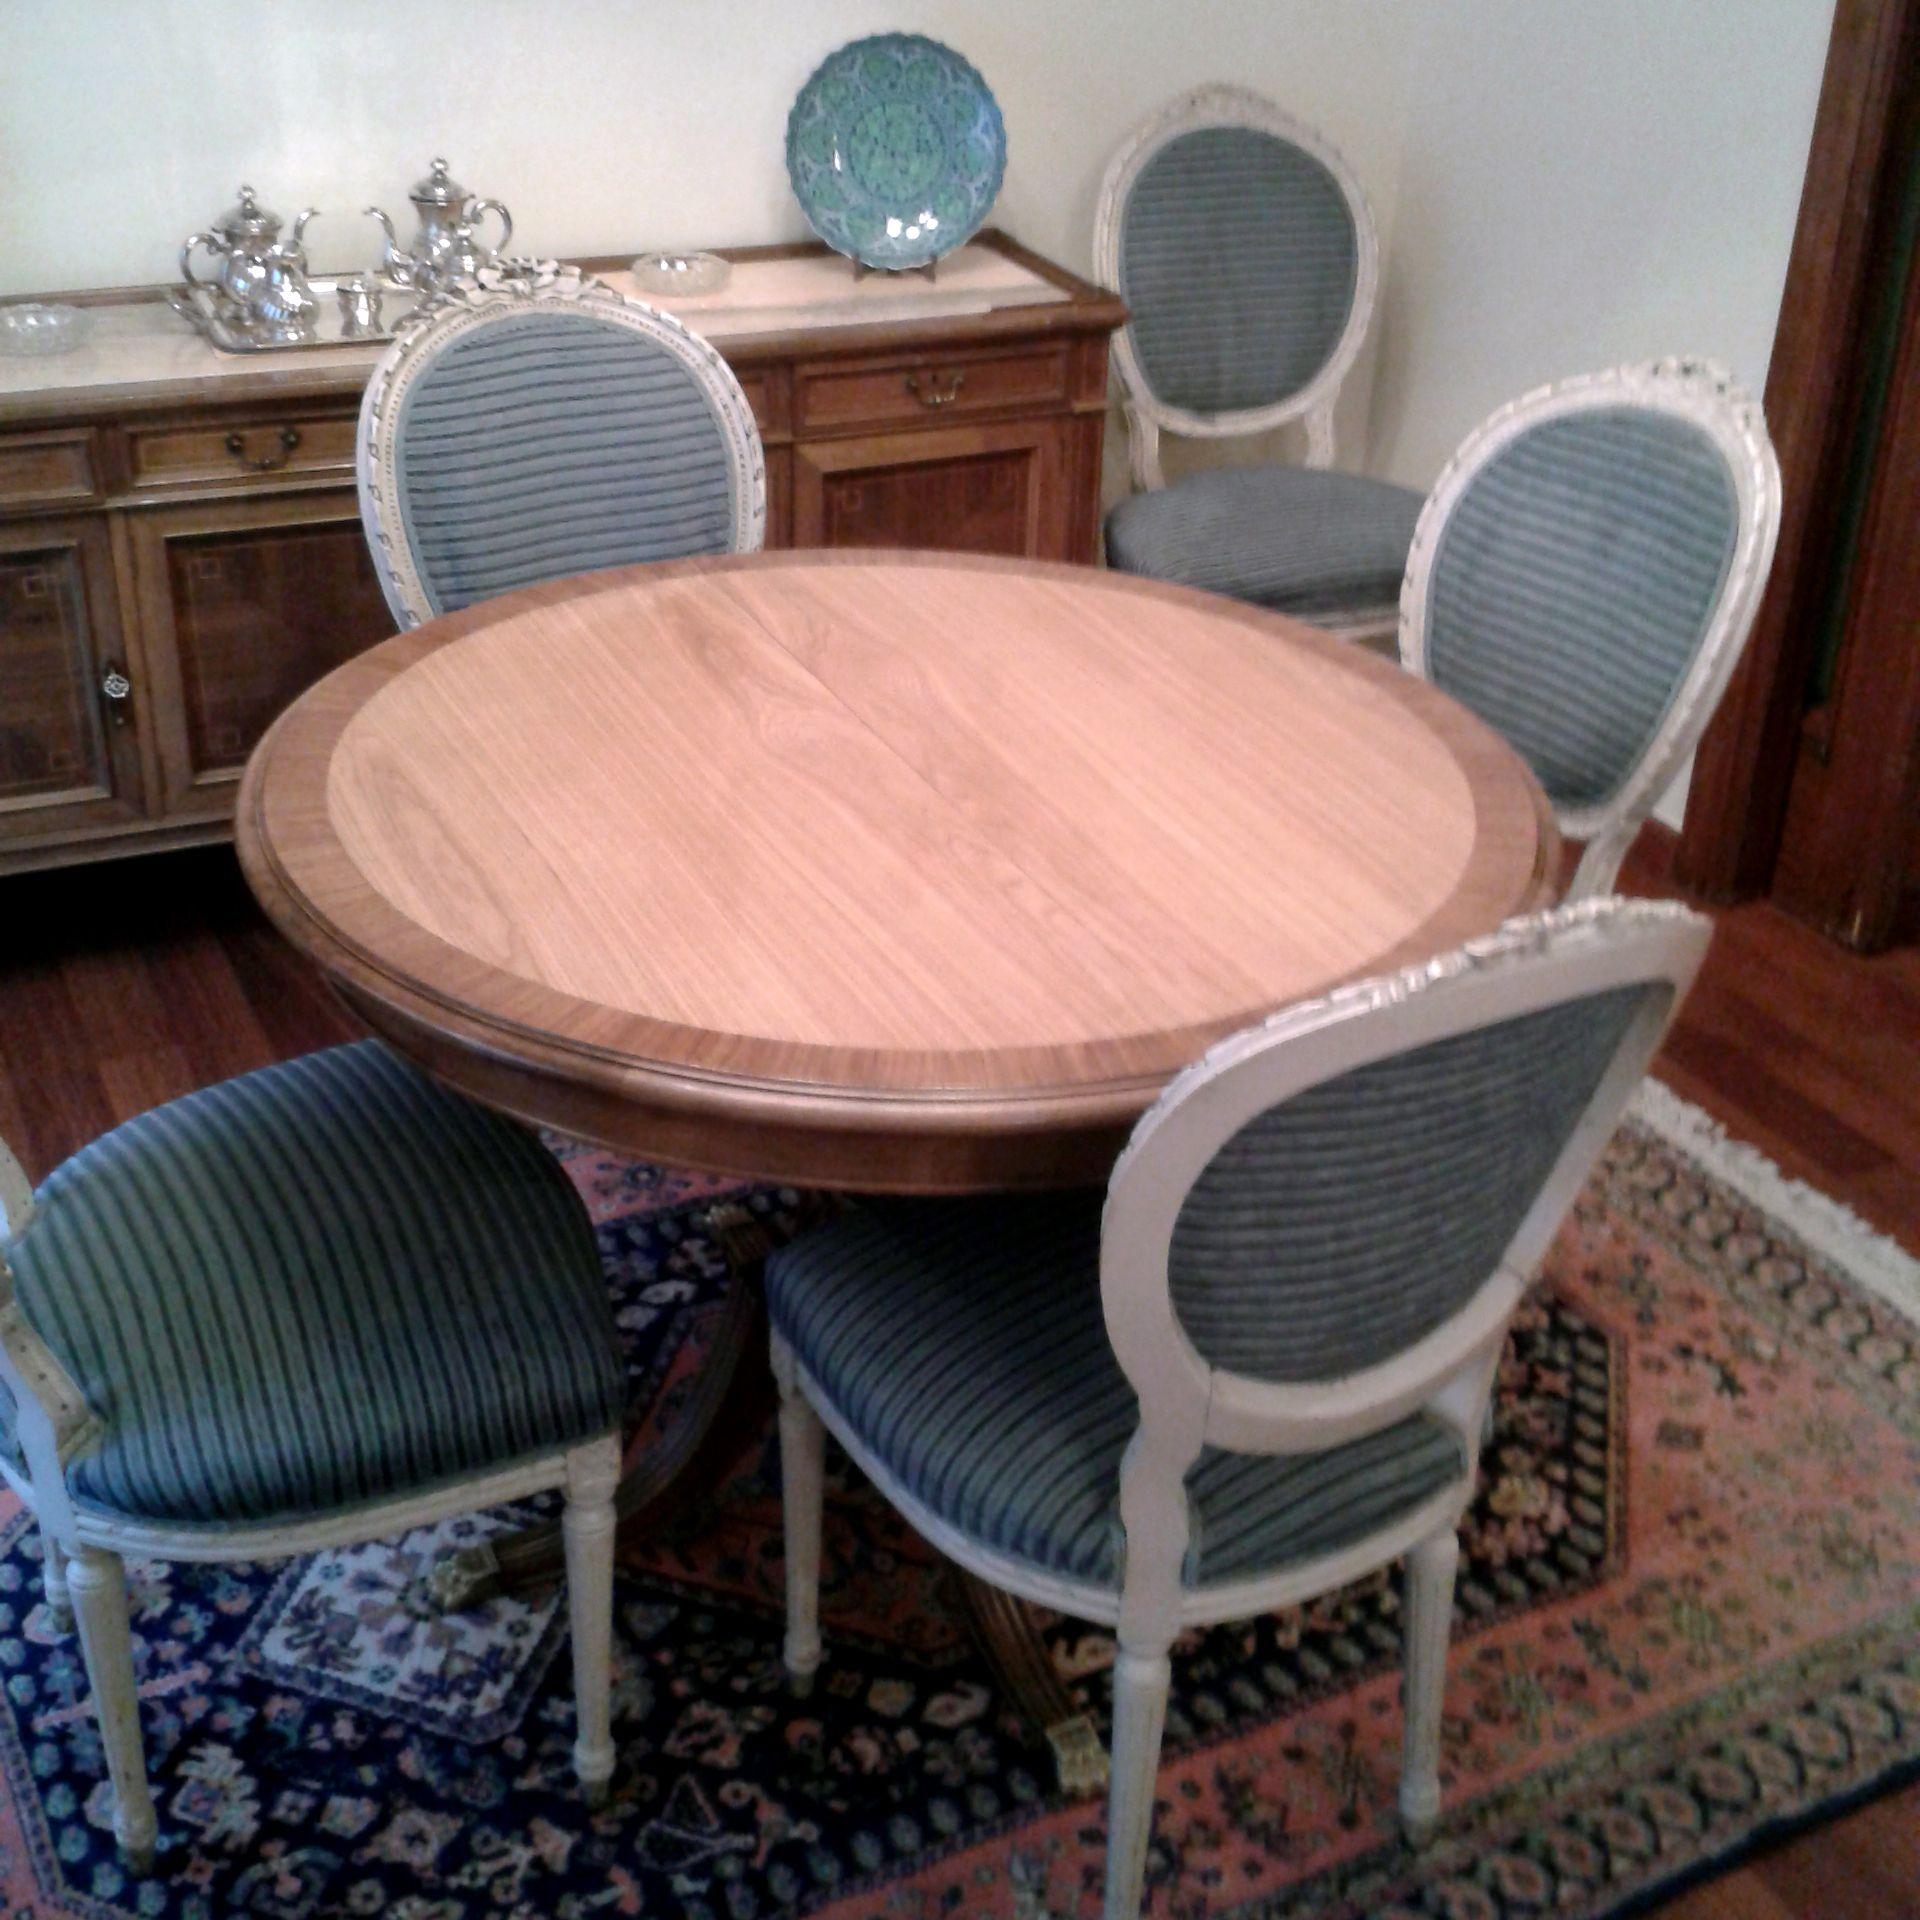 Mesa de comedor extensible. Nuevo chapado de madera de roble y barnizado brillo. Encolado de piezas sueltas.